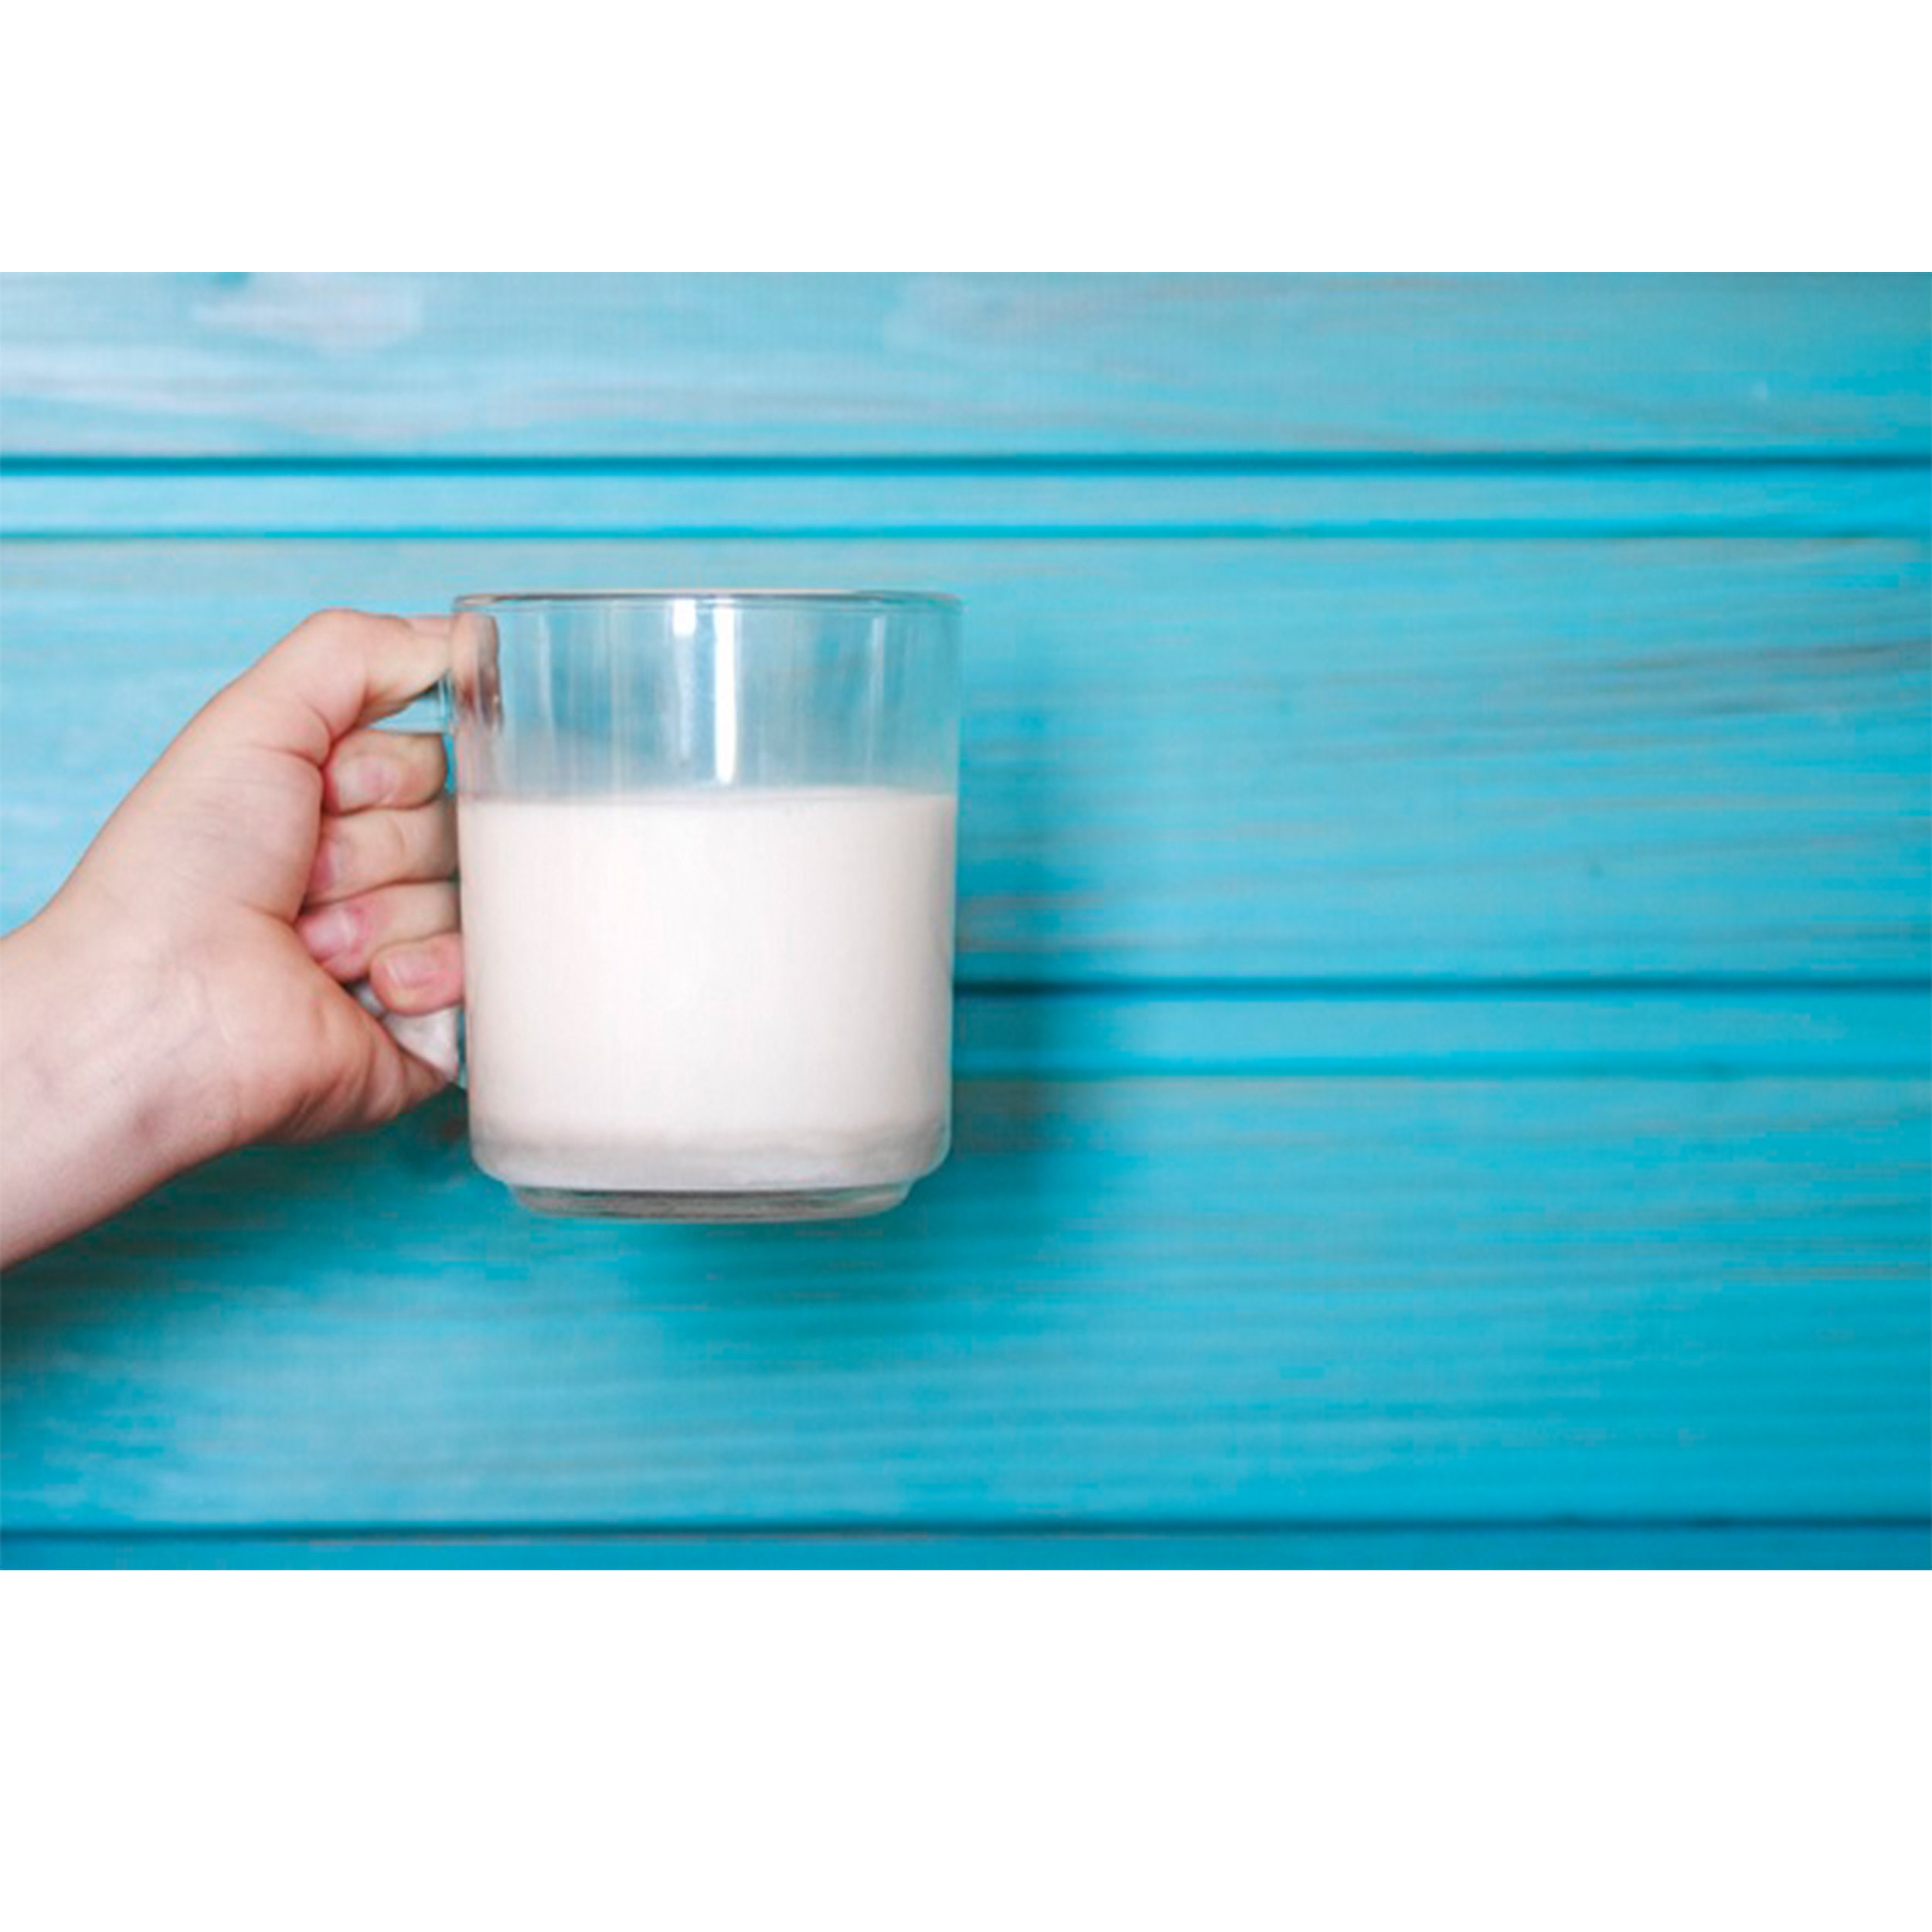 شیر کم چرب فرادما پگاه - 1 لیتر